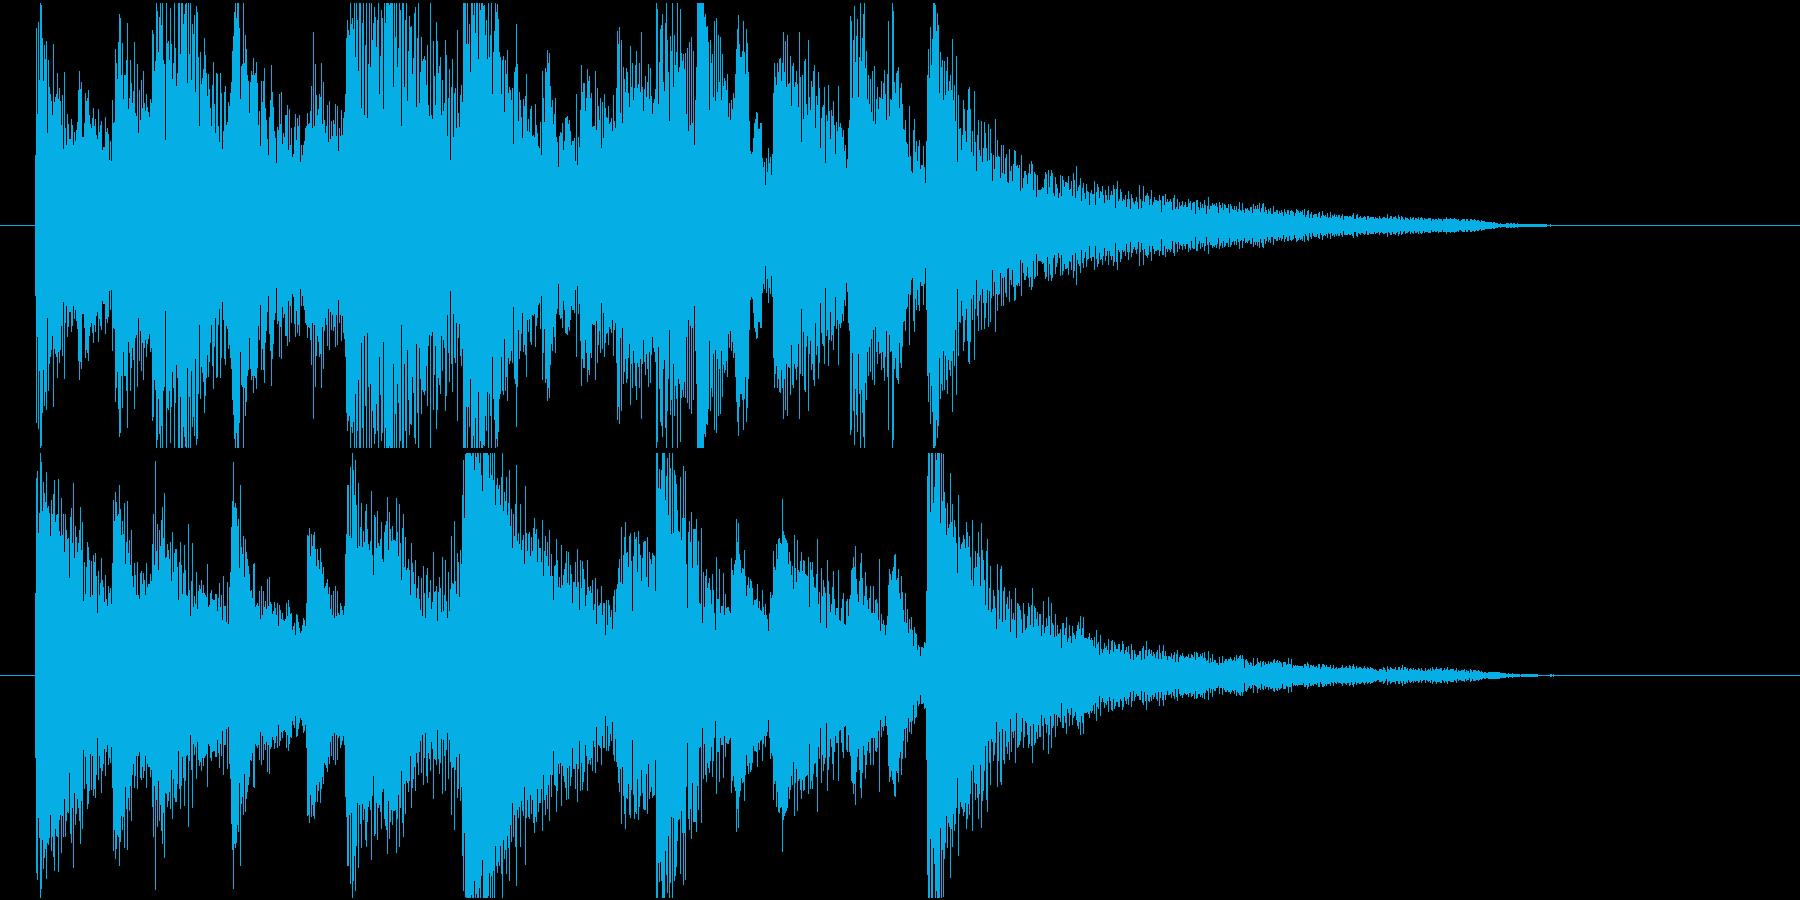 【ジングル】ピアノとギターのメロウな曲の再生済みの波形